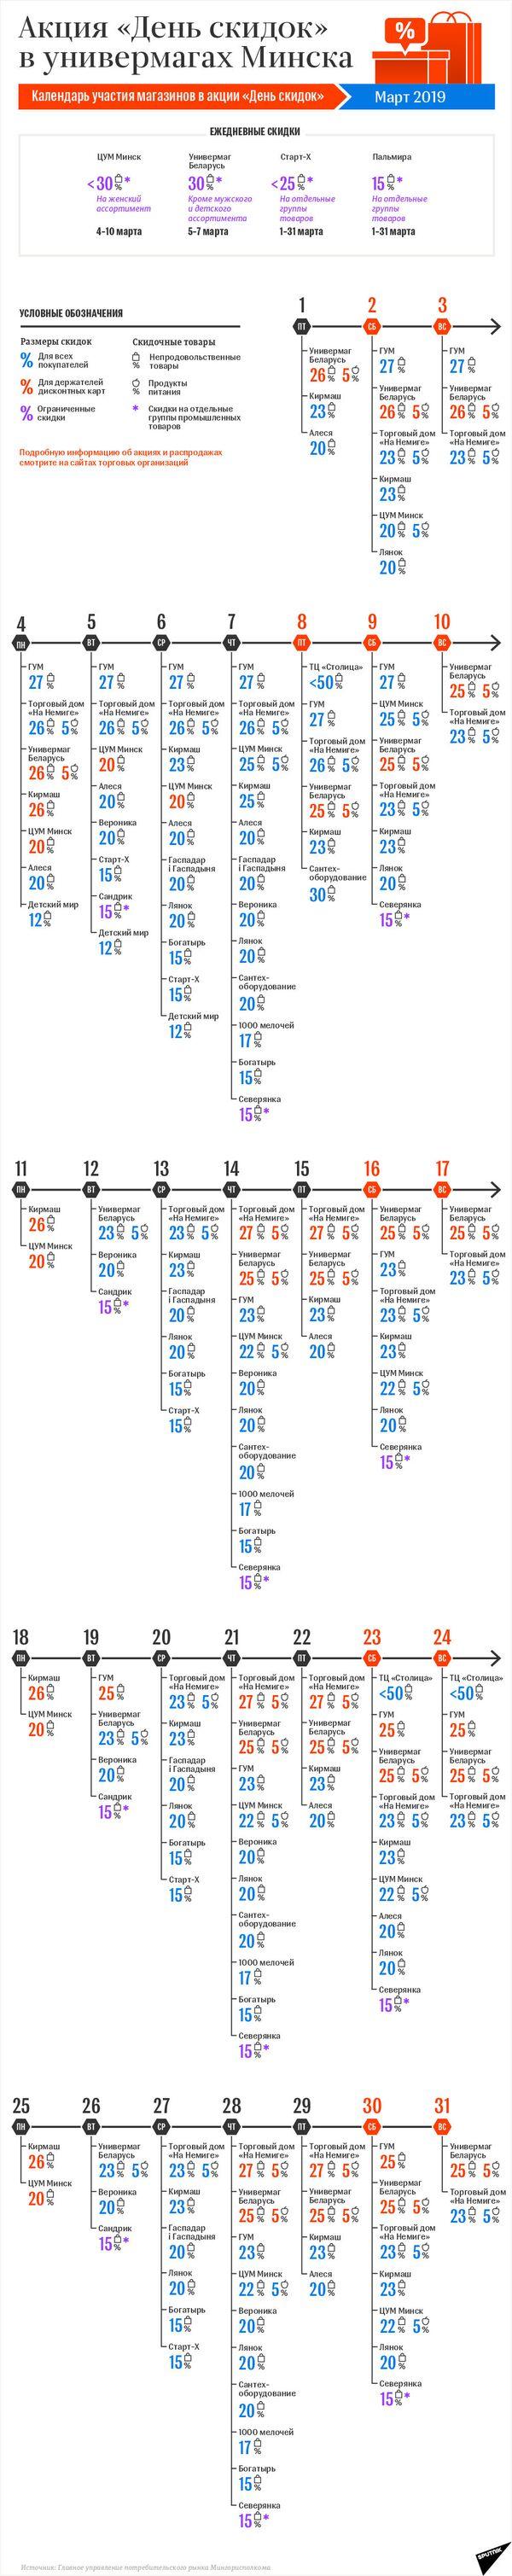 Календарь акции День скидок в Минске: март-2019 – инфографика на sputnik.by - Sputnik Беларусь